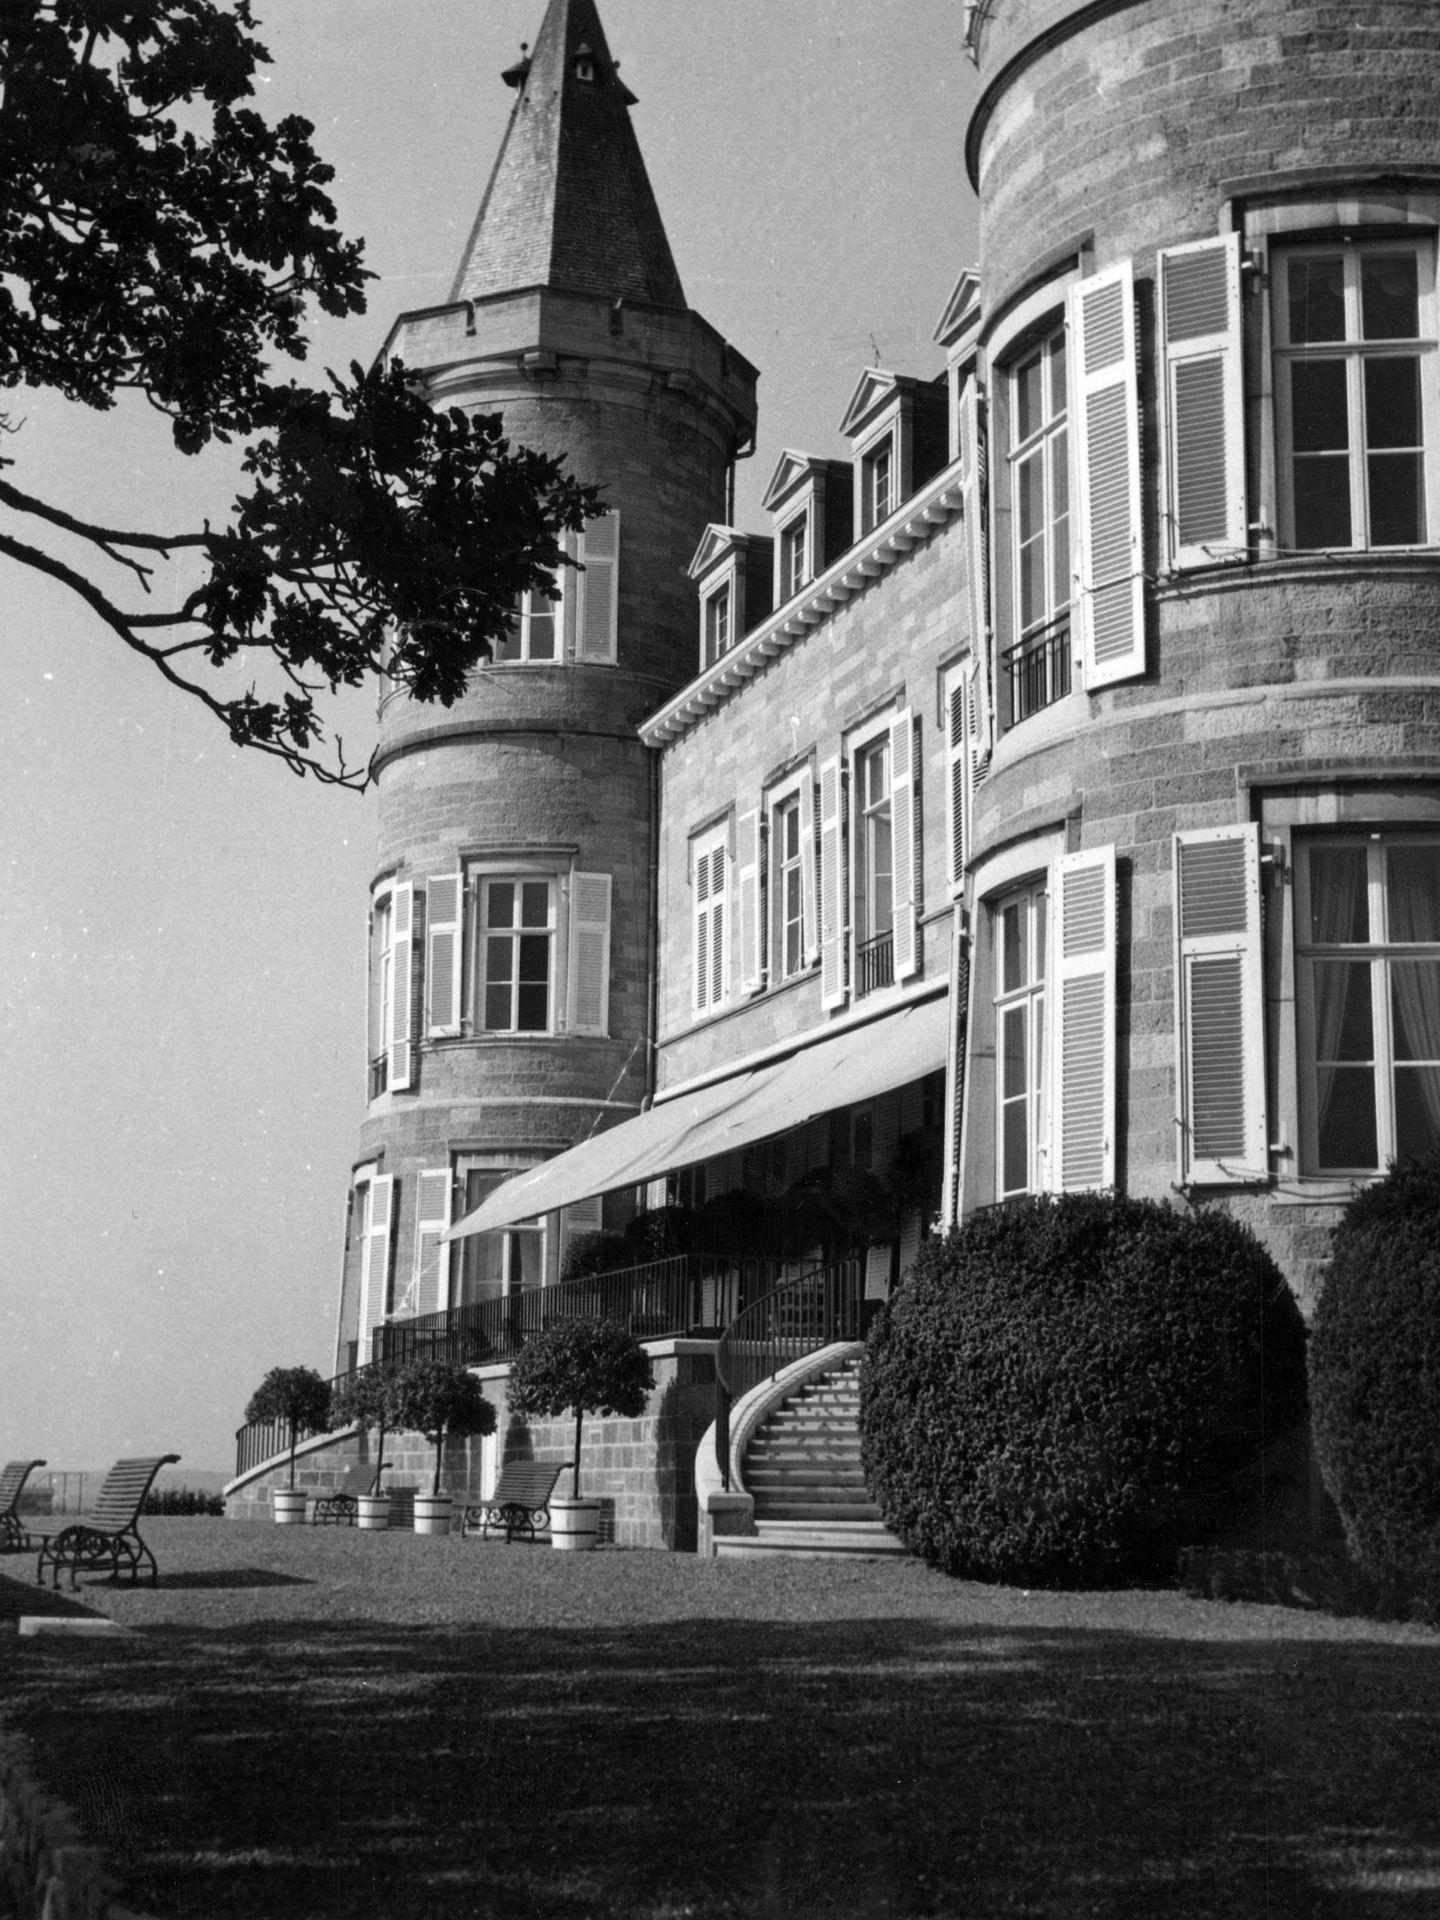 El castillo de Ciergnon. (Cordon Press)